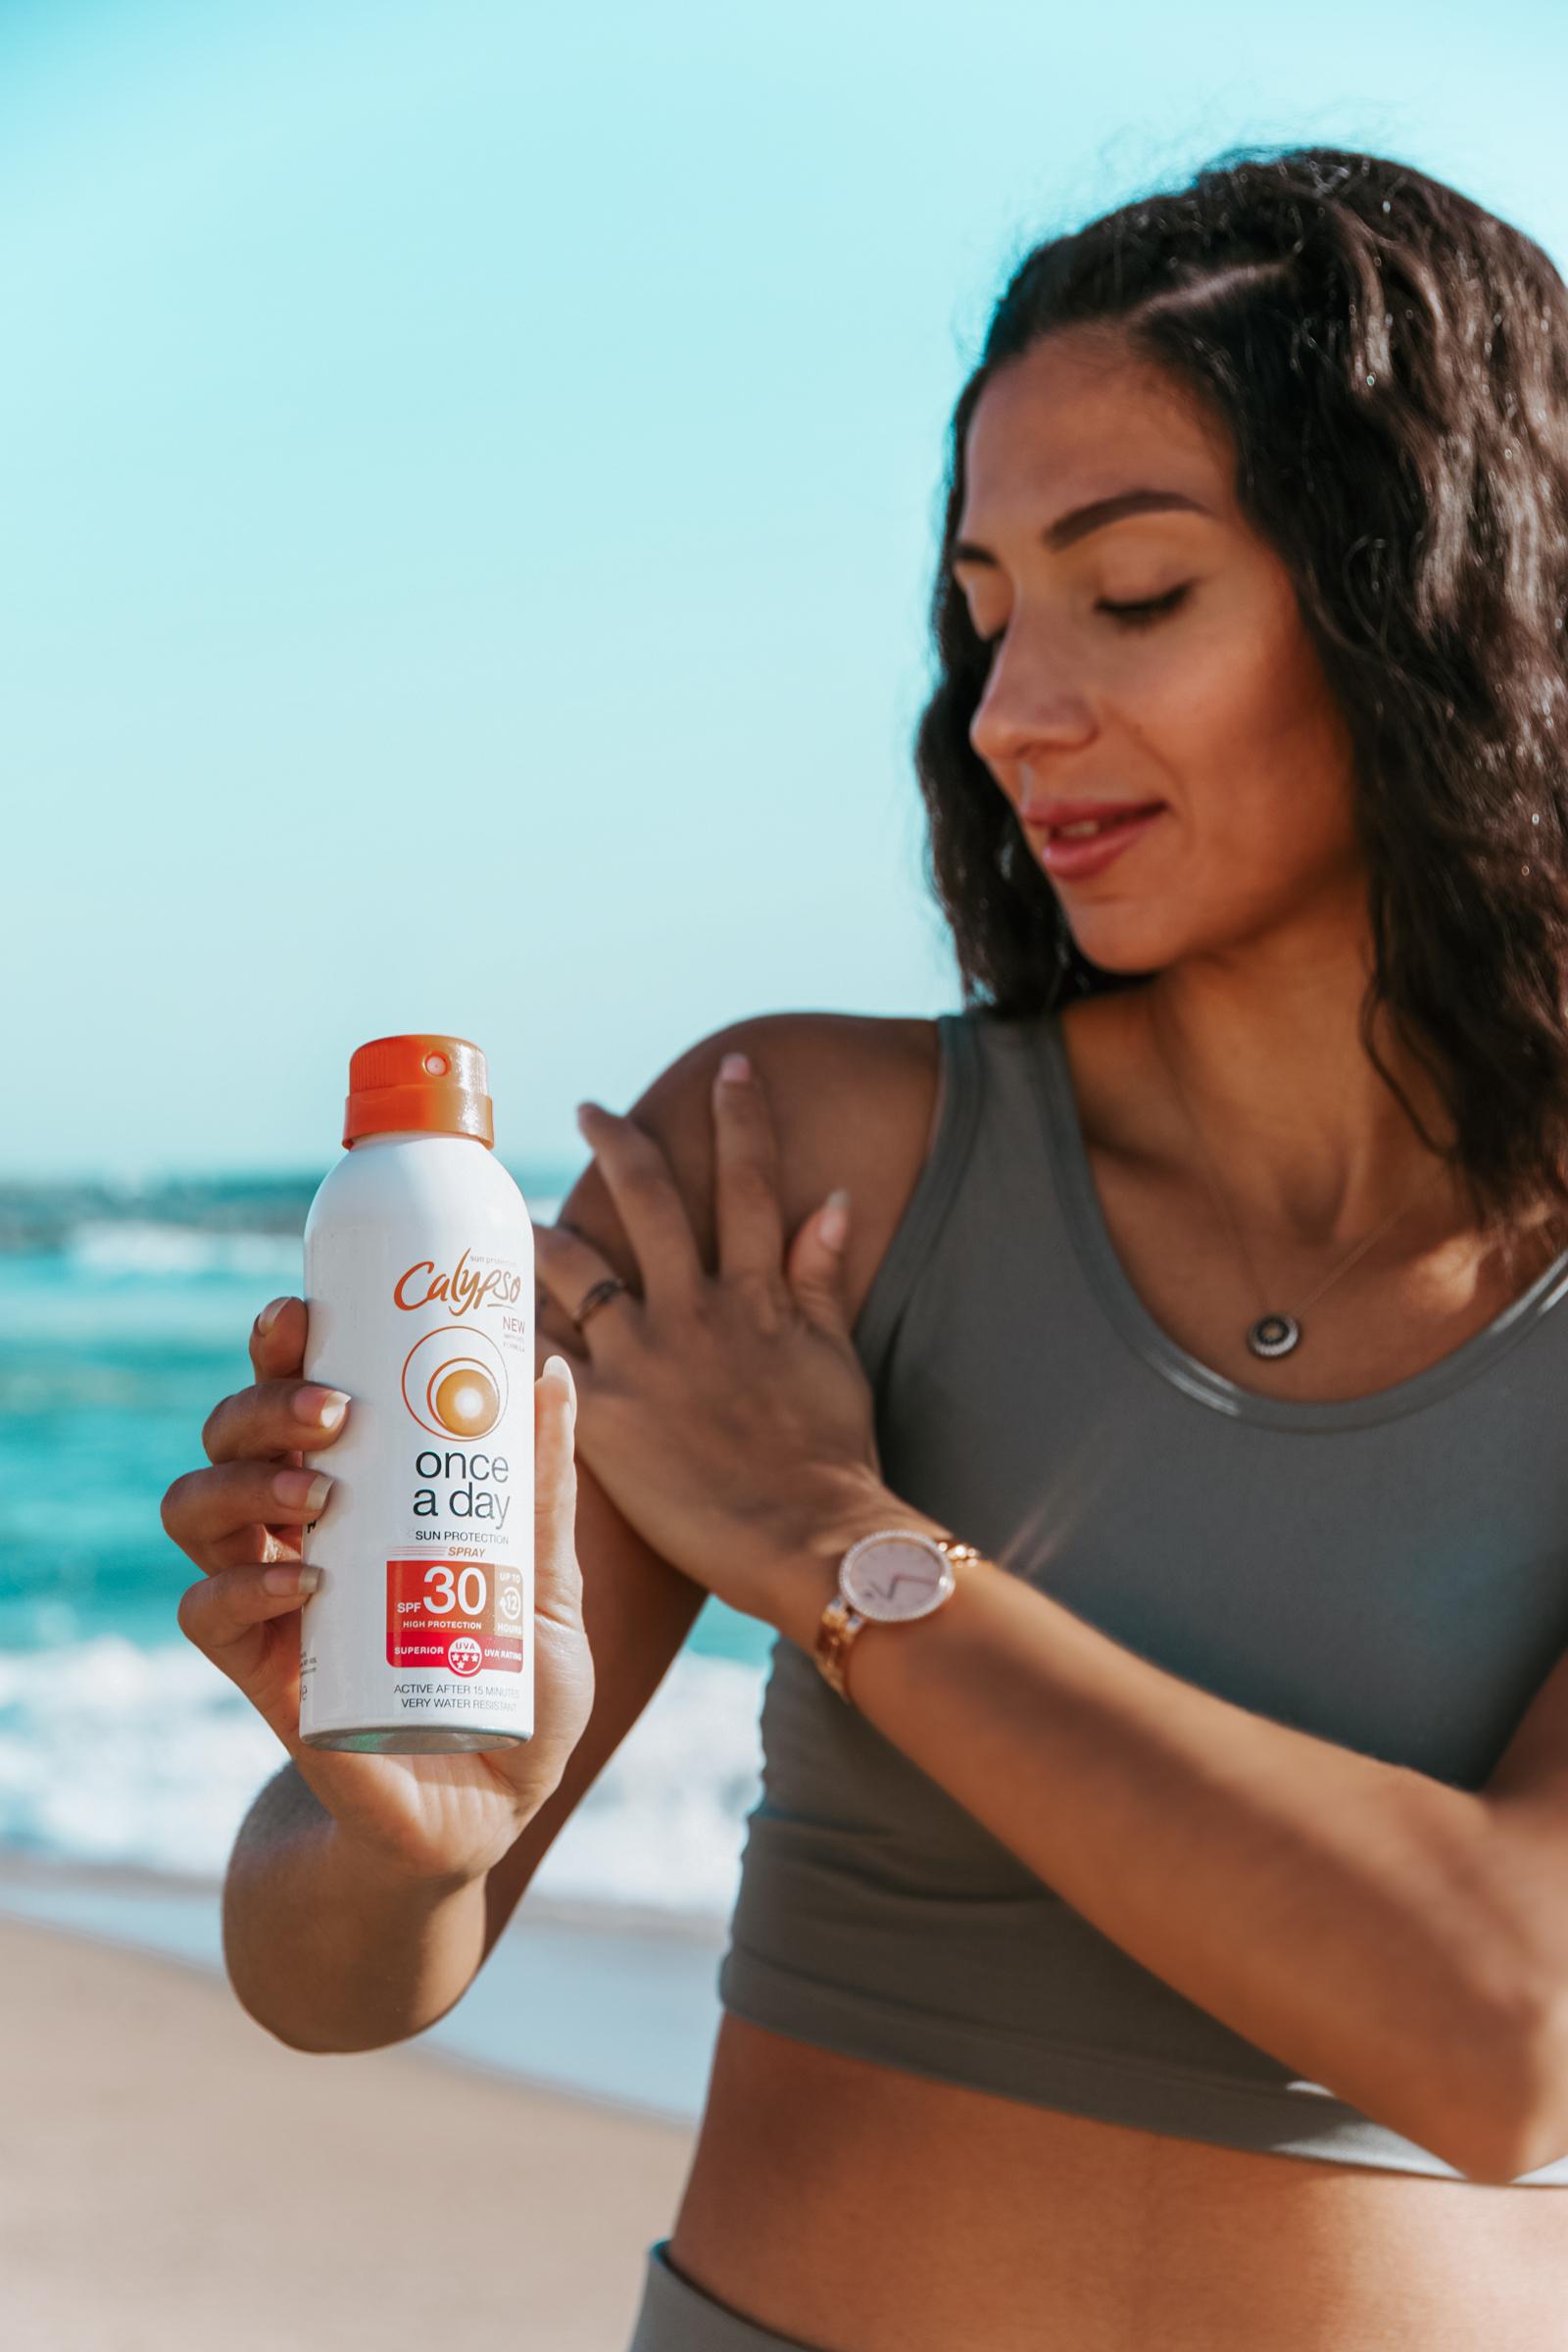 Girl on a beach applying Calypso Once a day spray spf30